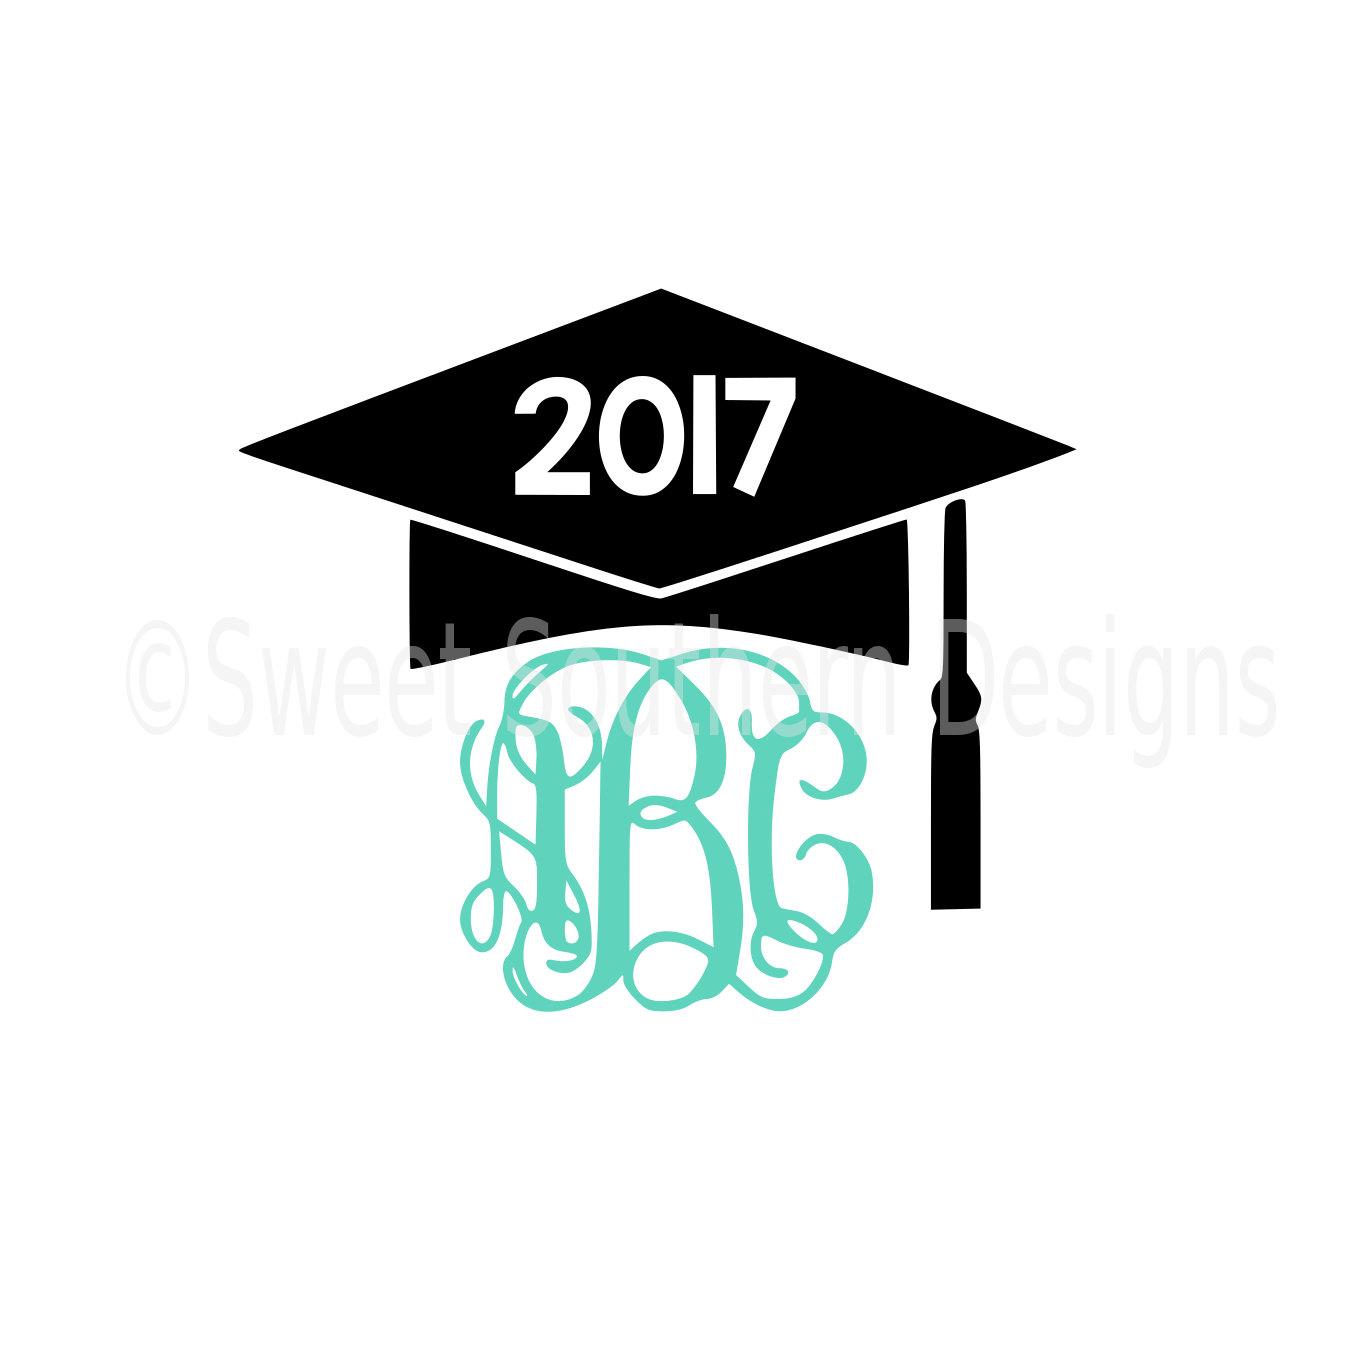 1350x1350 Monogram Graduation Cap Tassel 2017 Svg Instant Download Design